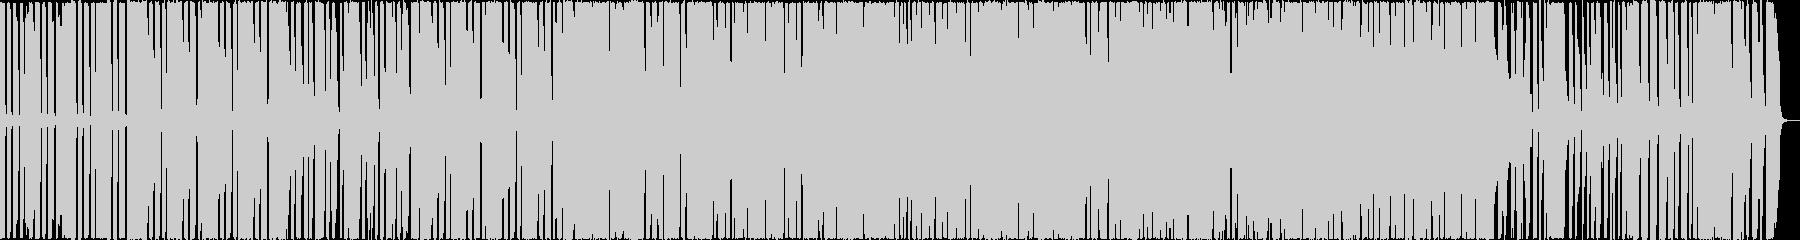 ファンクなギターとクラビネットの曲の未再生の波形